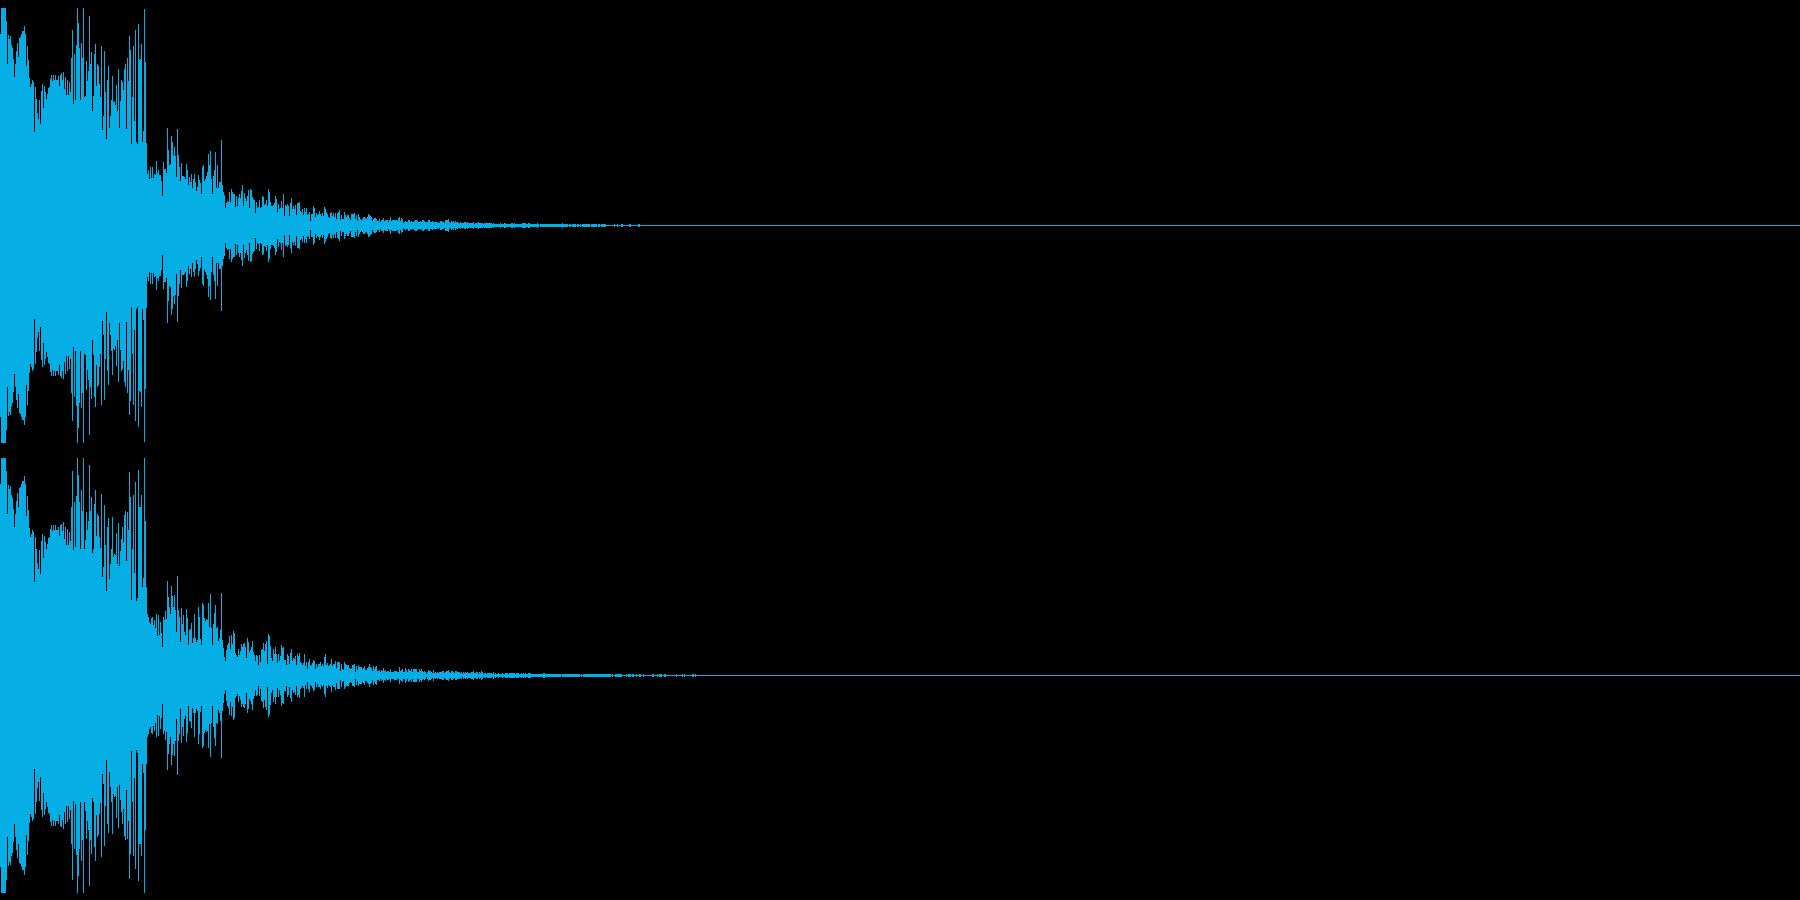 ぴゅーん(ショット音、選択音)の再生済みの波形